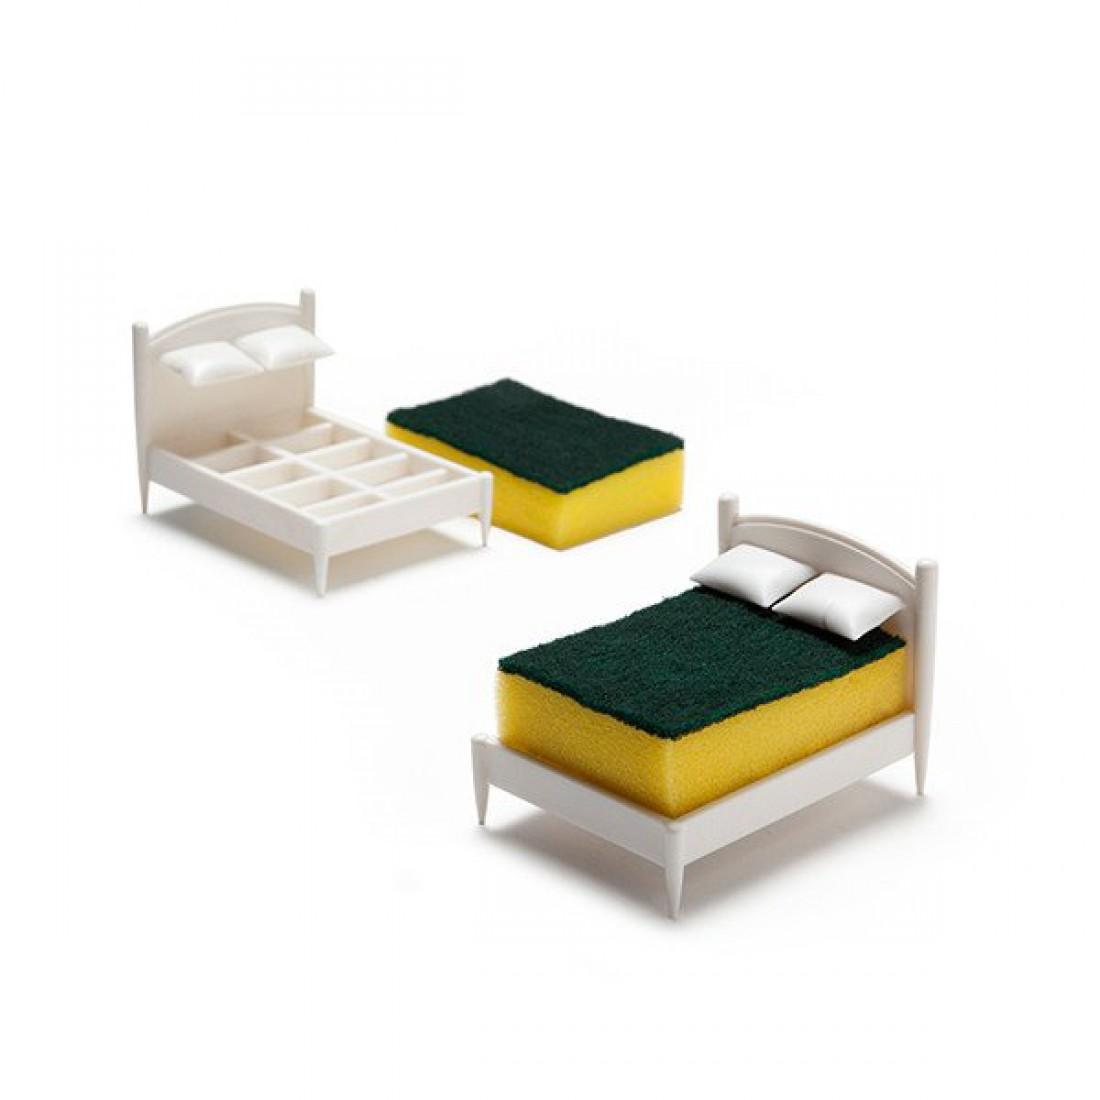 Подставка для губки в виде кровати